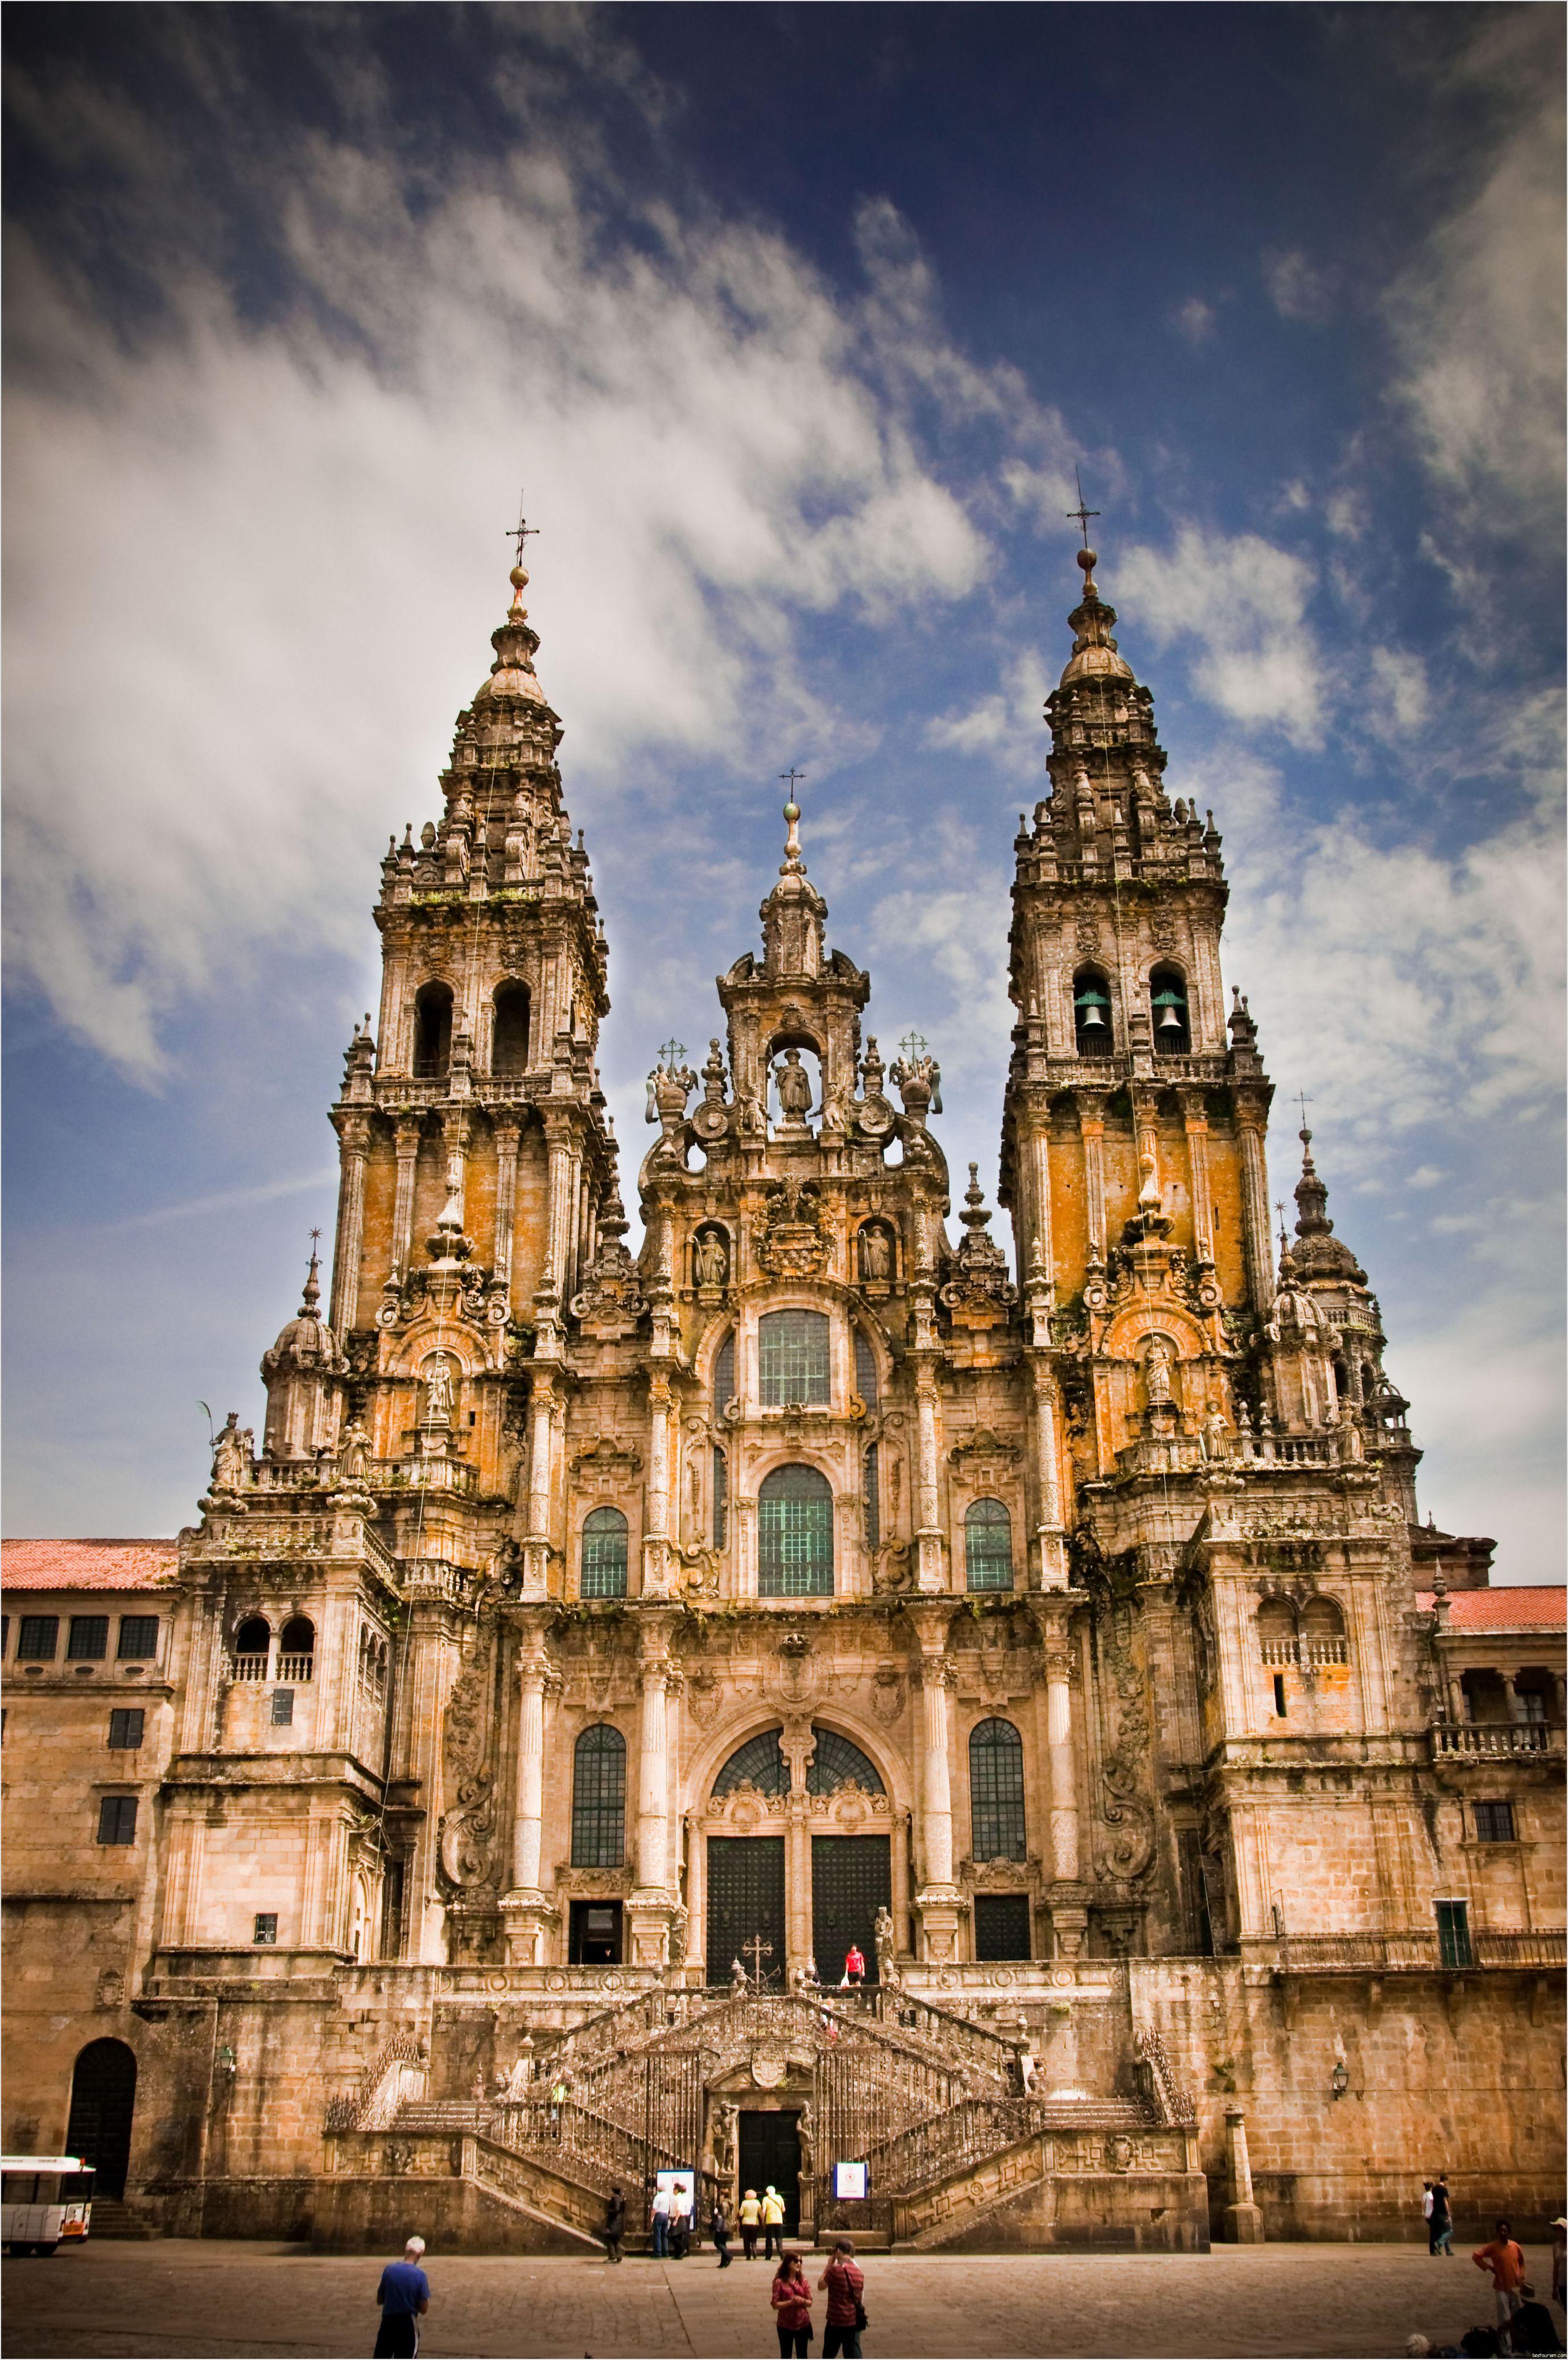 Santiago de compostela cathedral in spain santiago de - Persianas santiago de compostela ...